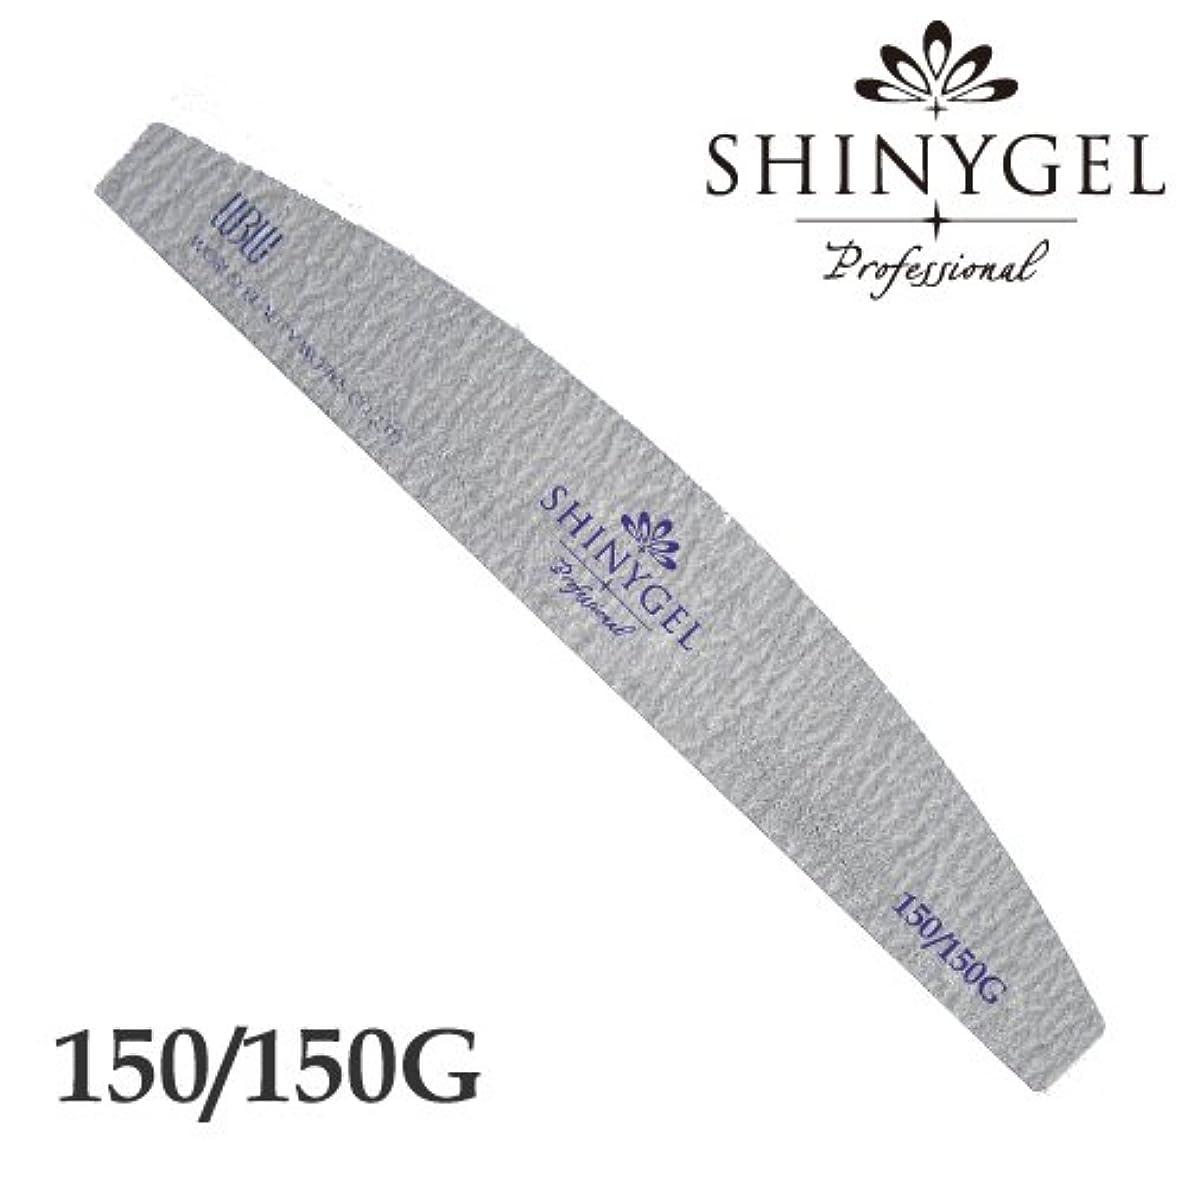 三かご再集計SHINYGEL Professional シャイニージェルプロフェッショナル ゼブラファイル ブラック(アーチ型) 150/150G ジェルネイル 爪やすり